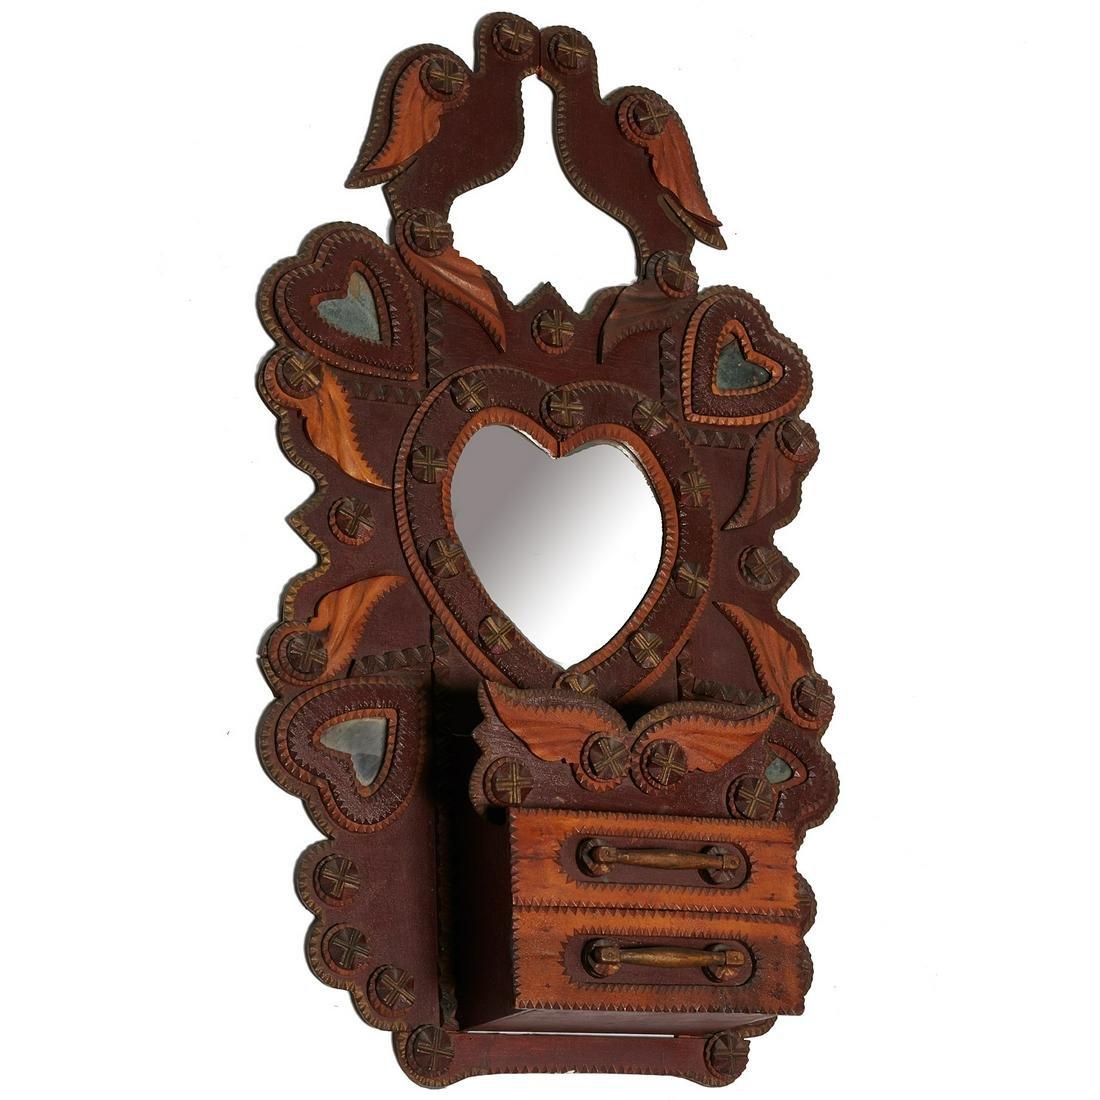 John Zadzora (attrib), Tramp Art mirror